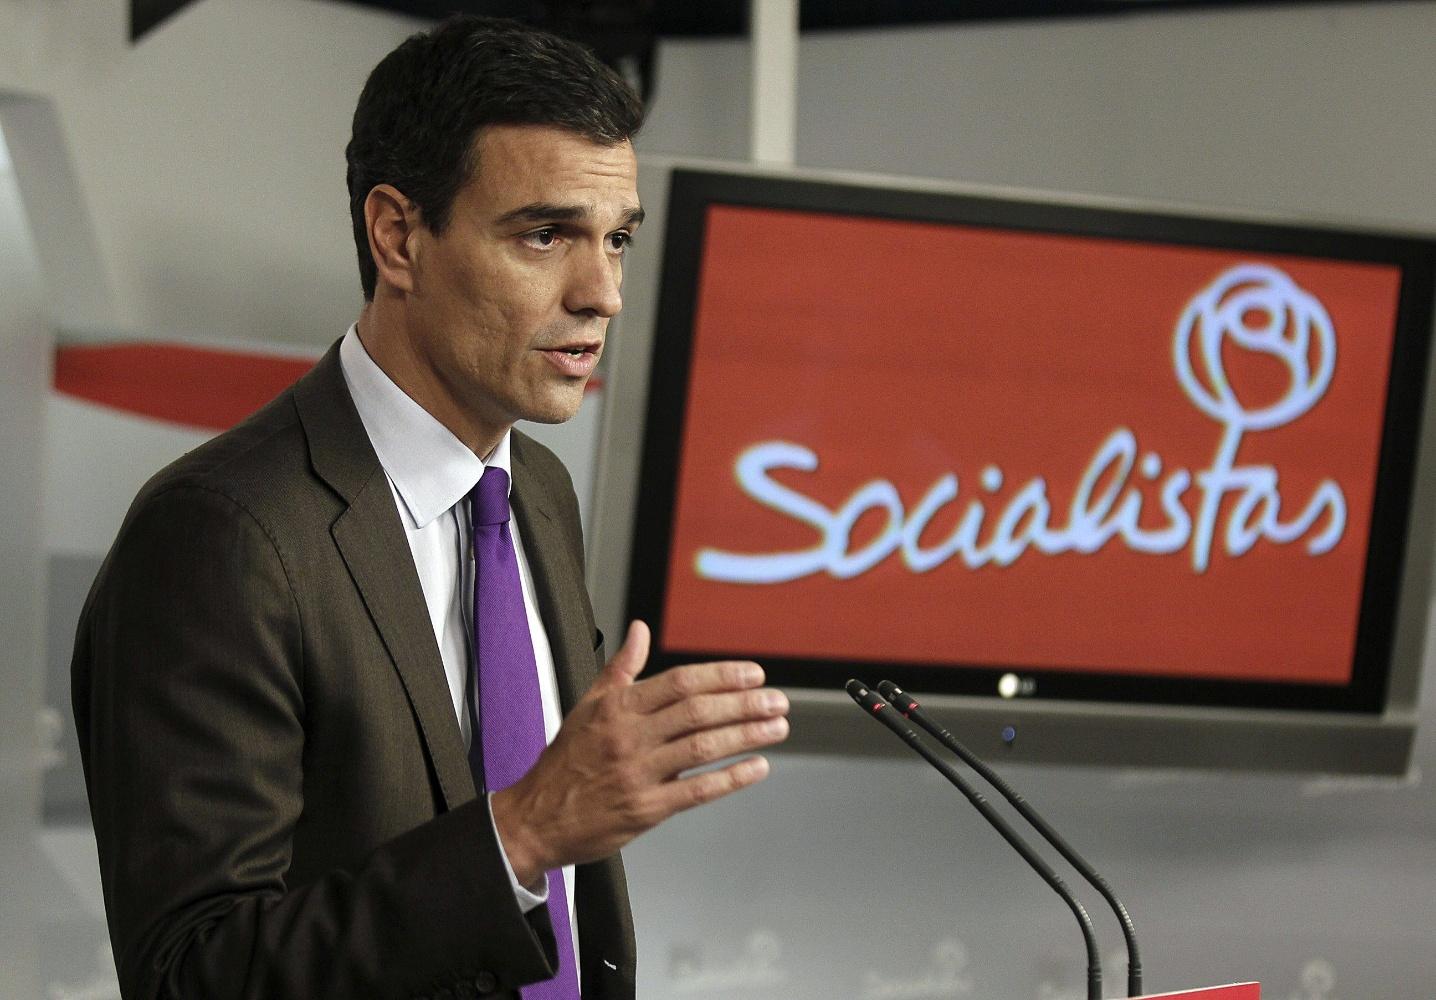 [INTERVIEW] Espagne: un pays et une social-démocratie en crise